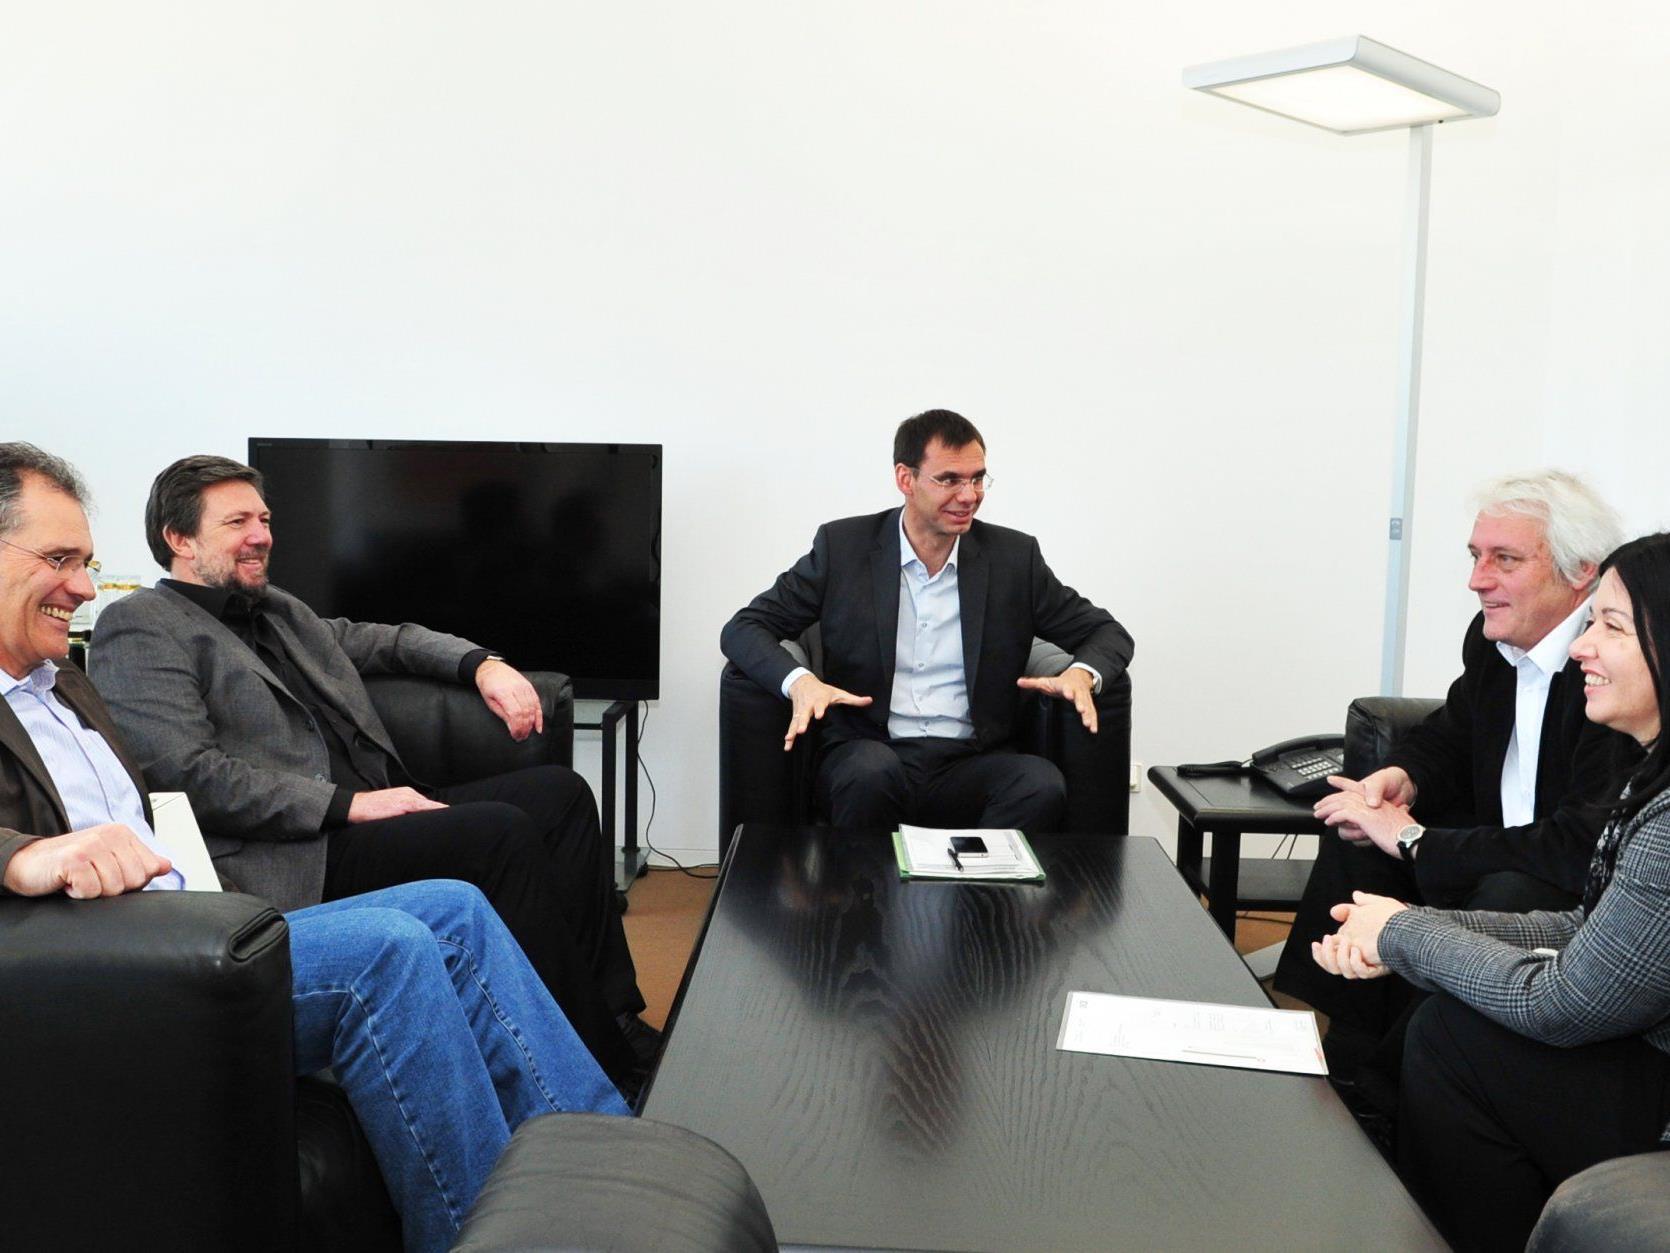 Konstruktives und partnerschaftliches Gespräch im Vorarlberger Landhaus in Bregenz